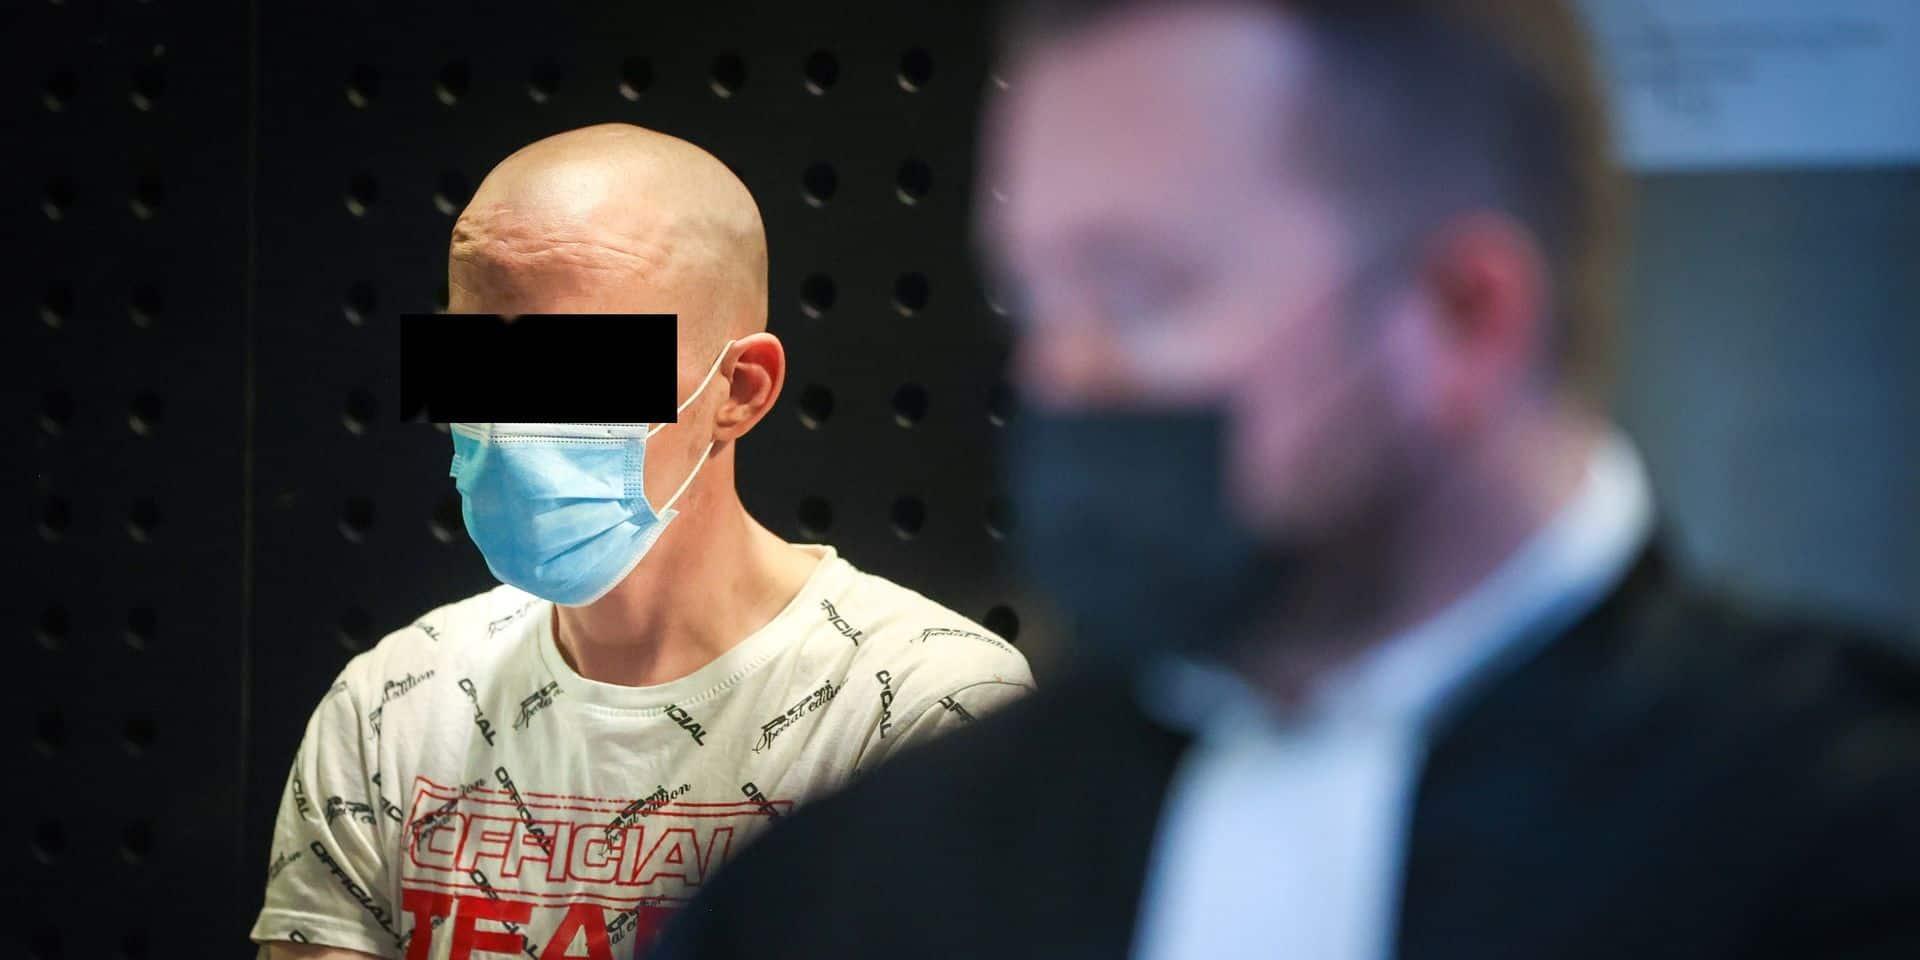 Meurtre de Patrick Candaten : Alain Brondelet condamné à la perpétuité pour un vol avec meurtre